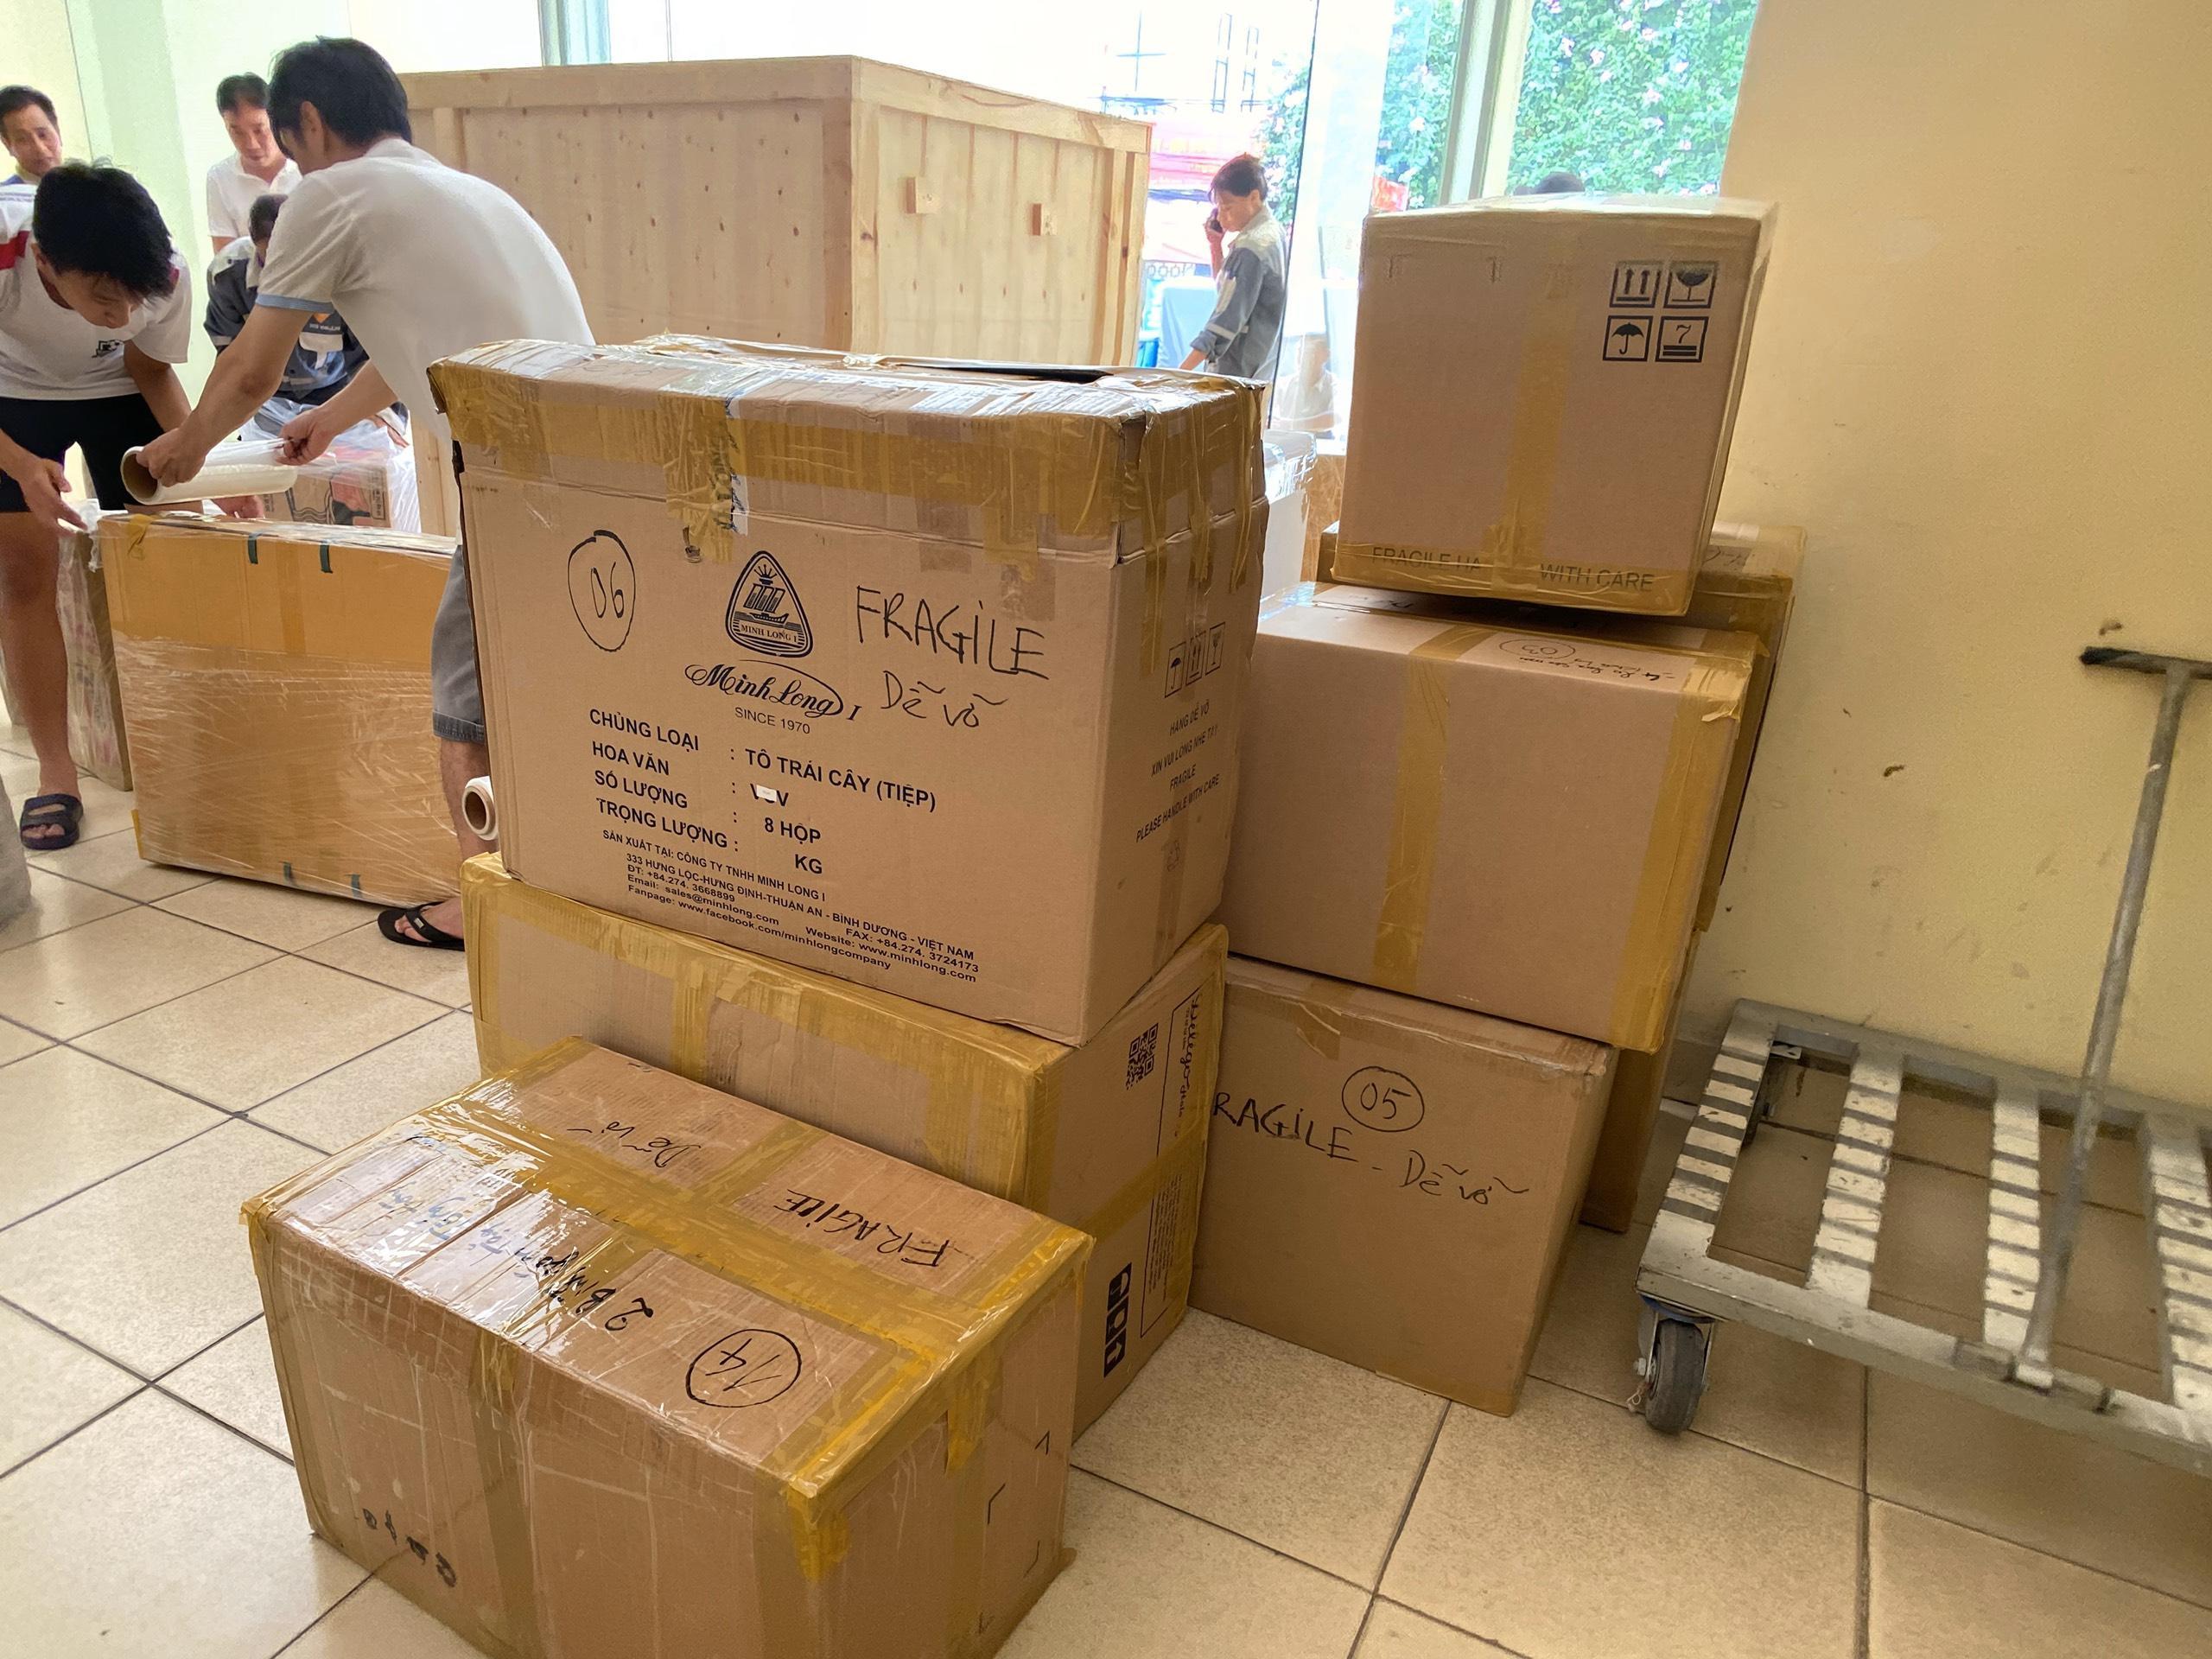 Dịch vụ vận chuyển đường biển đồ gốm sứ đi Dubai từ Việt Nam